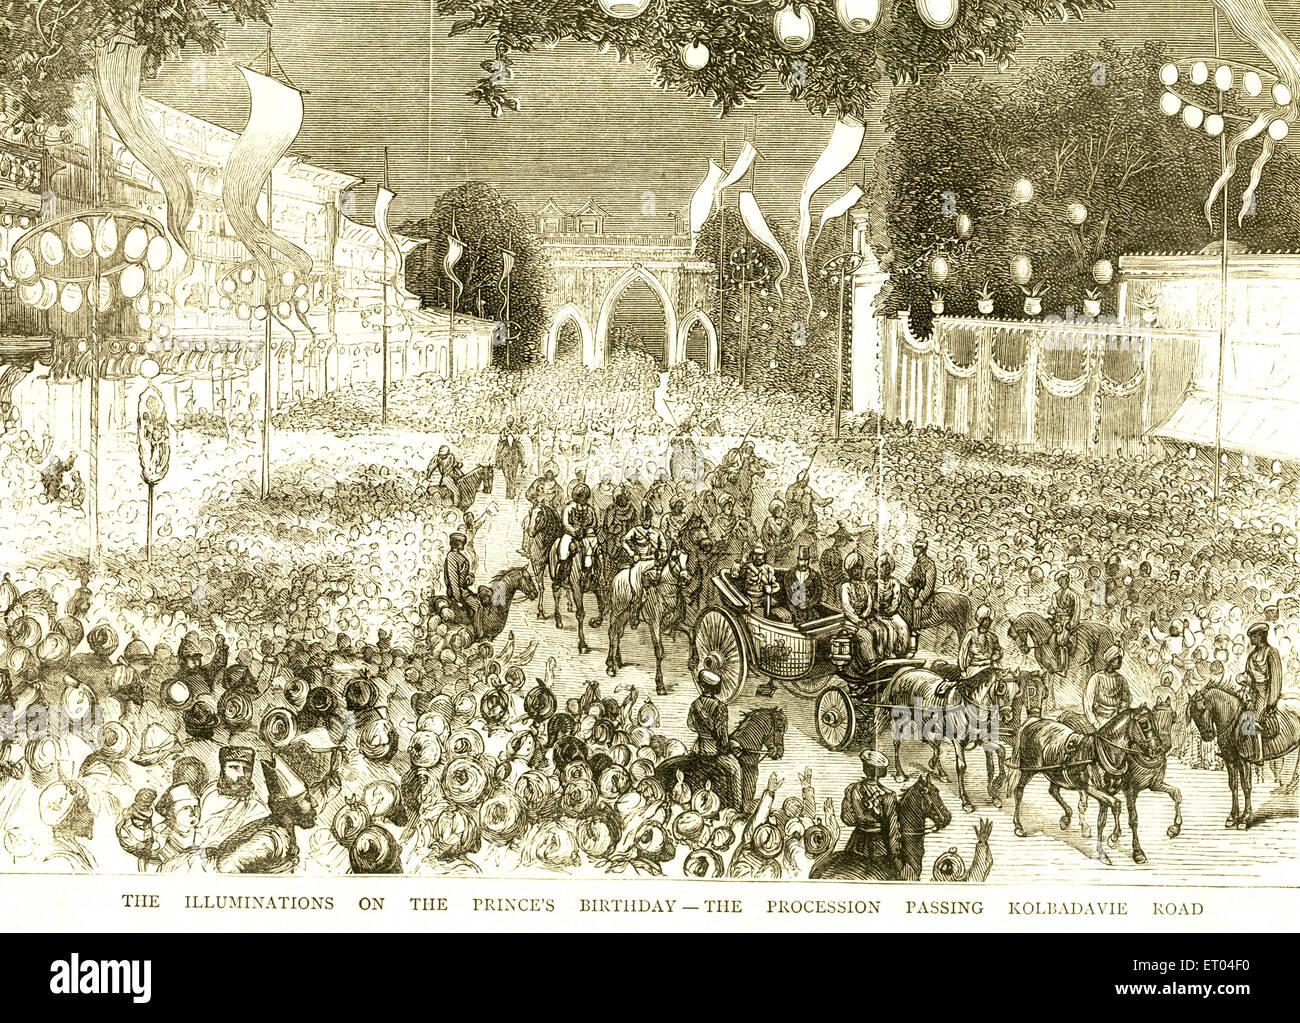 Die Beleuchtung auf den Fürsten Geburtstag; die Prozession vorbei Kolabadavie Straße; Colaba; Bombay Mumbai; Stockbild